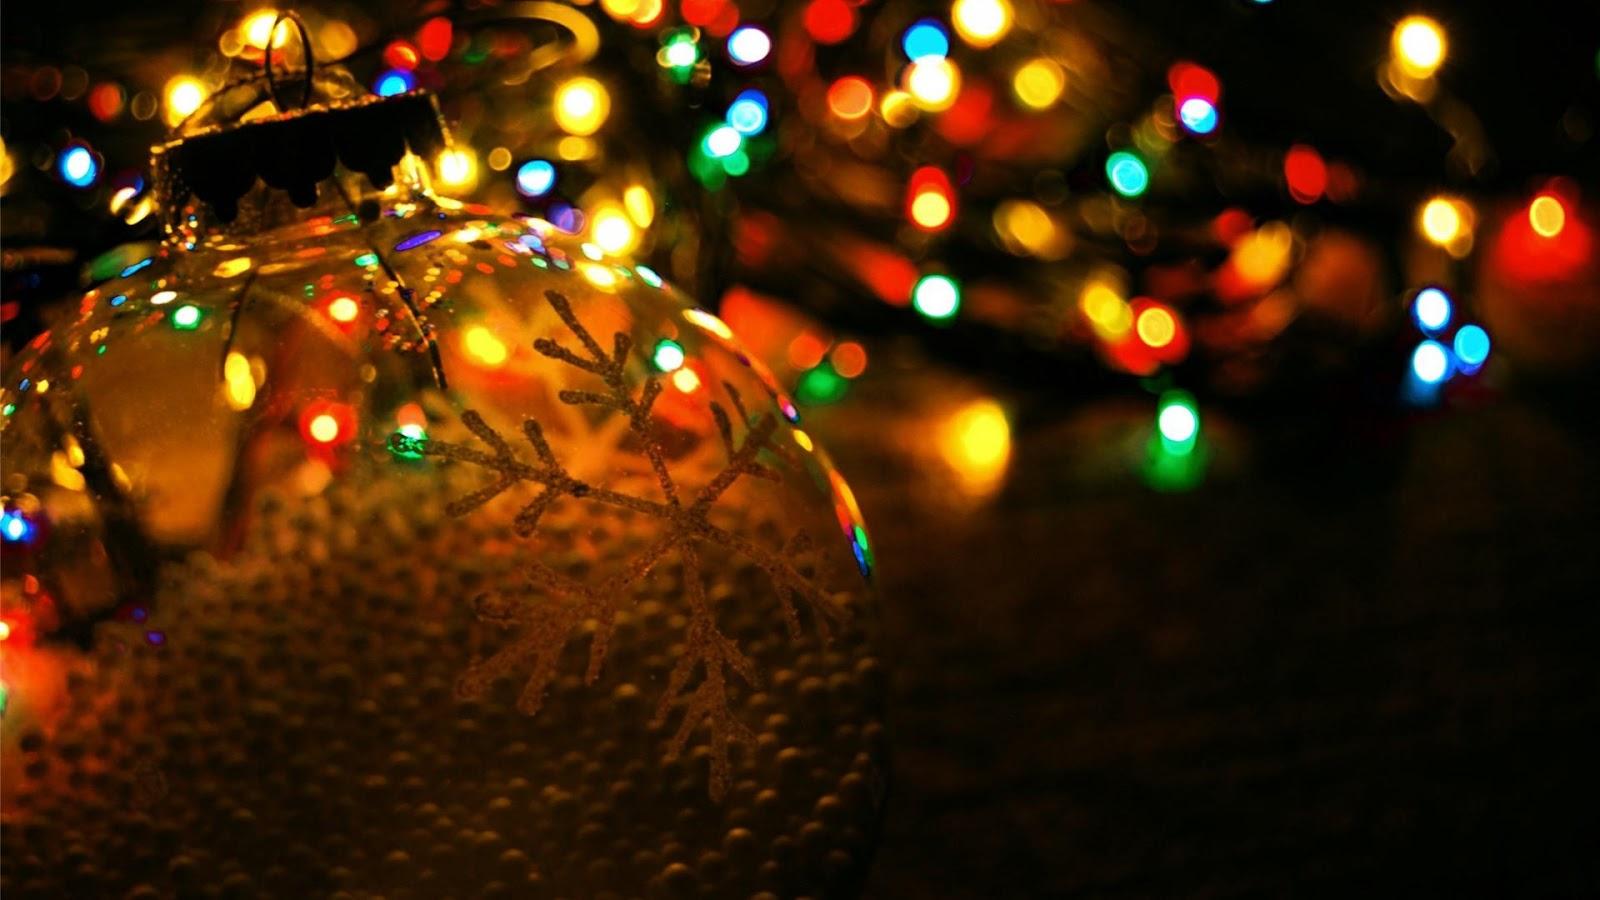 Christmas Lights Wallpaper 24365 1600x900 px ~ HDWallSource.com